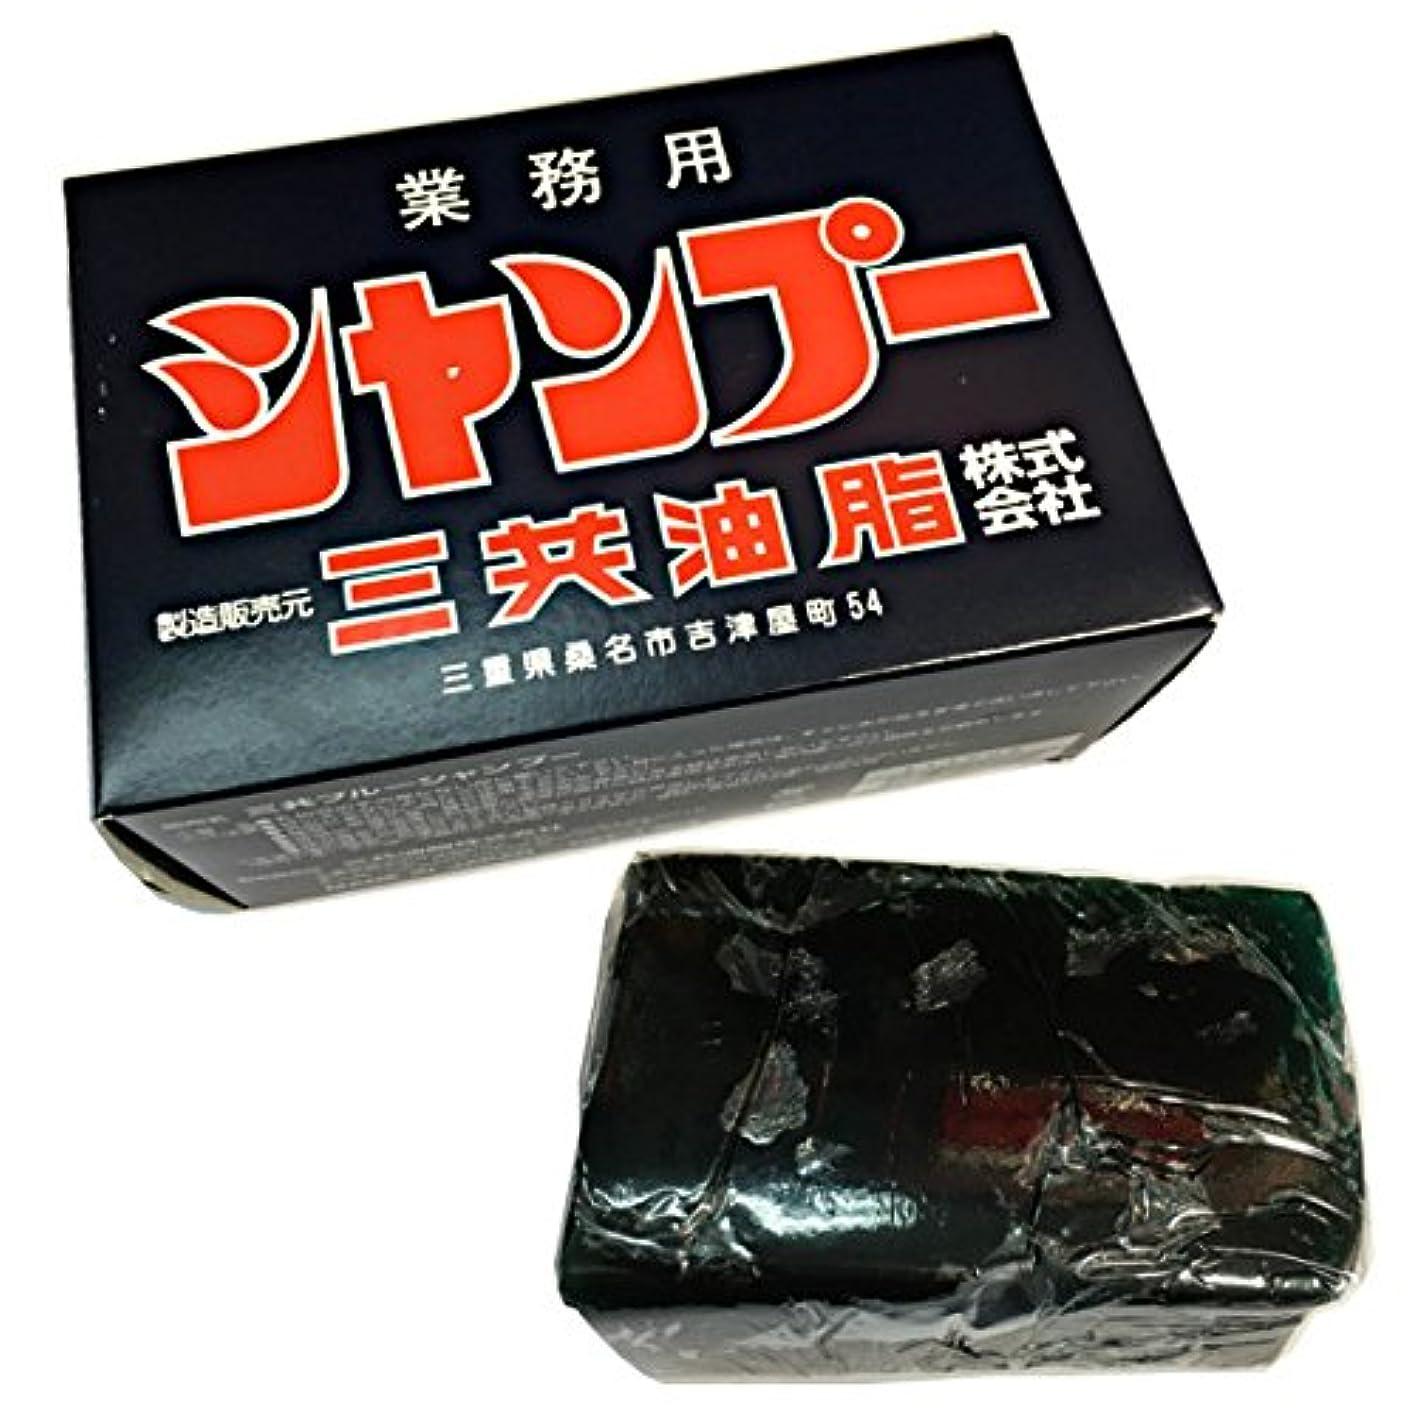 ページチャーター絶縁する三共油脂 三共ブルーシャンプー 容量1800g